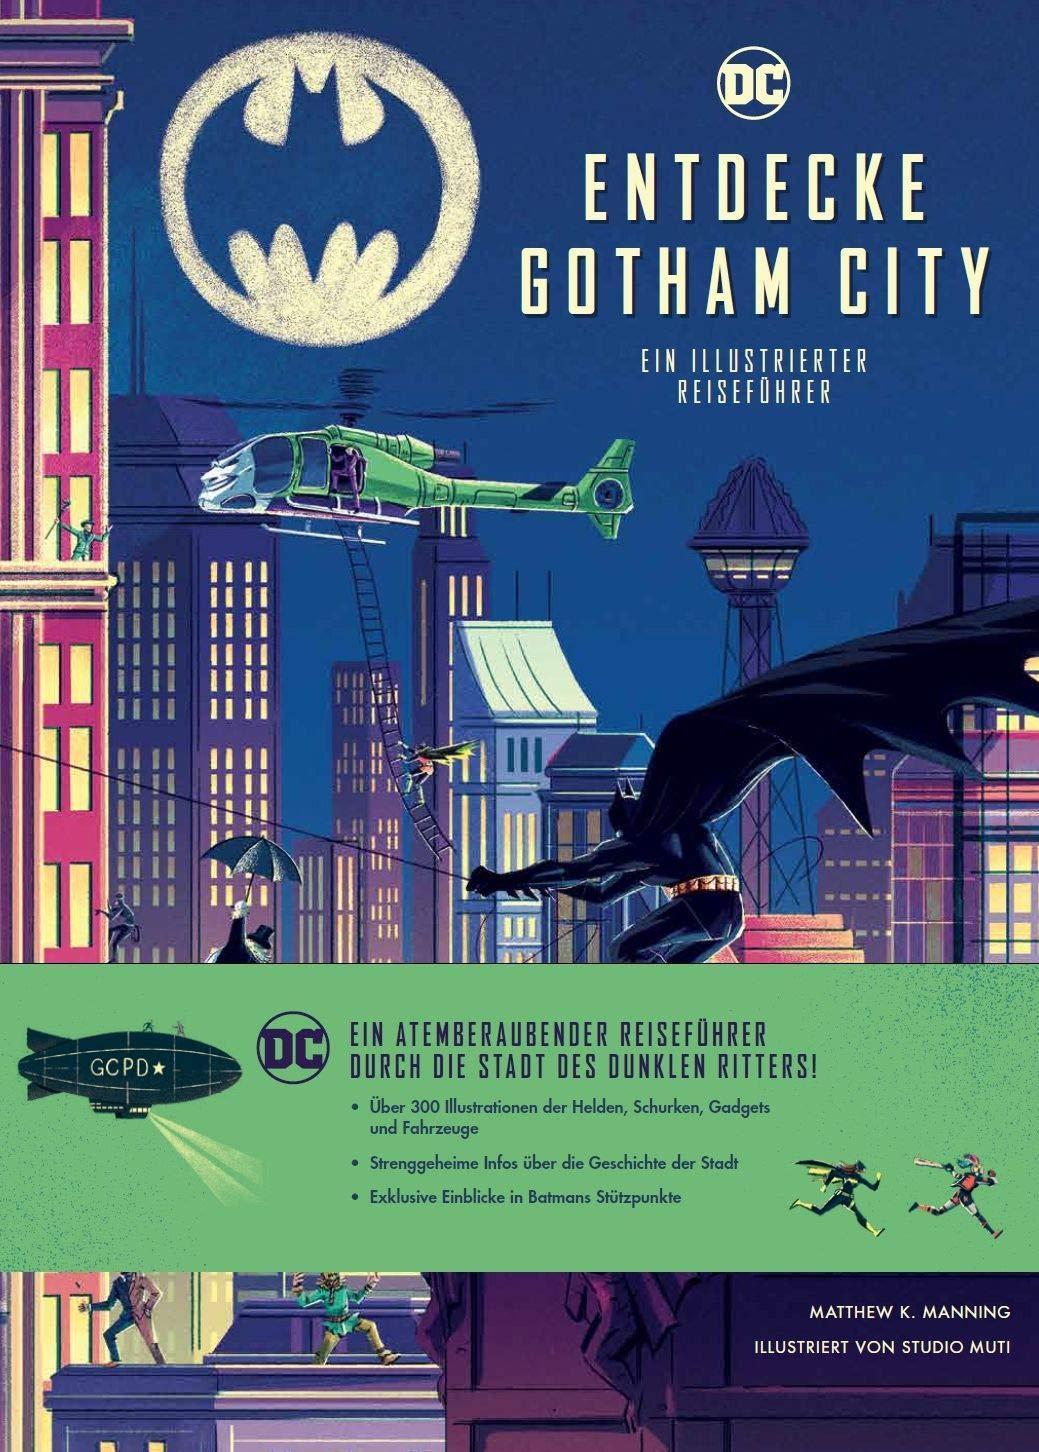 Entdecke Gotham City – Ein illustrierter Reiseführer